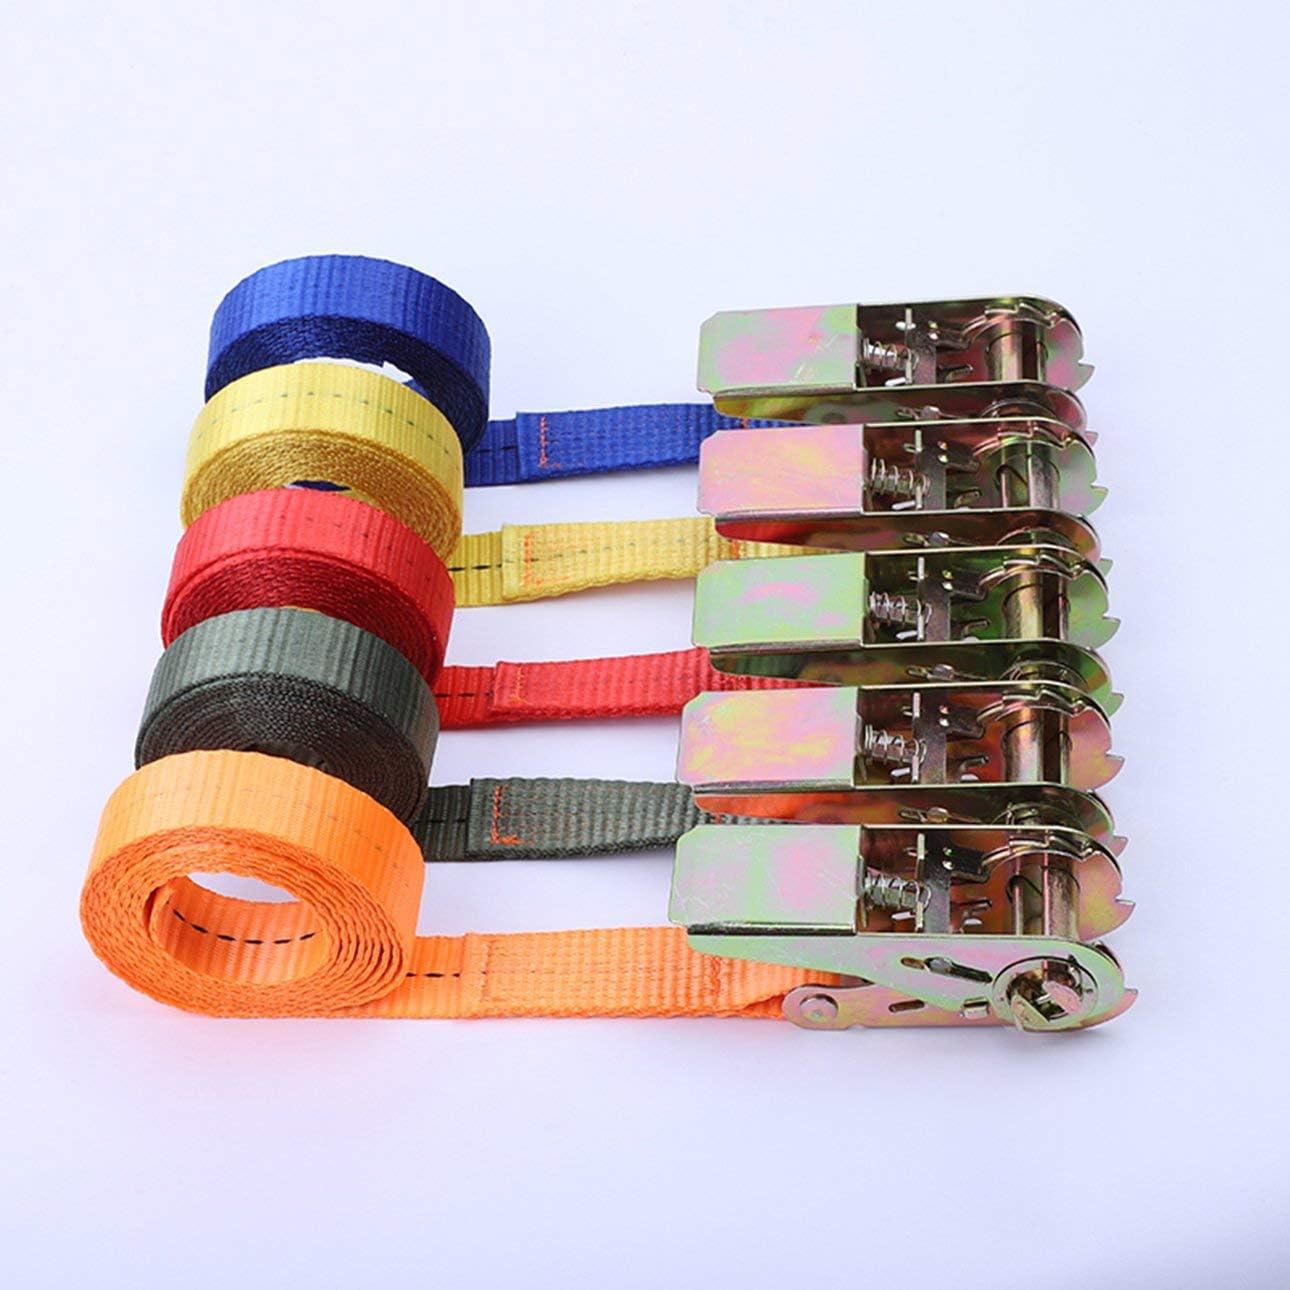 Pudincoco sangles de fixation pour ceinture de s/écurit/é pour voiture moto v/élo avec corde de remorquage en m/étal forte ceinture /à cliquet pour sac de bagages